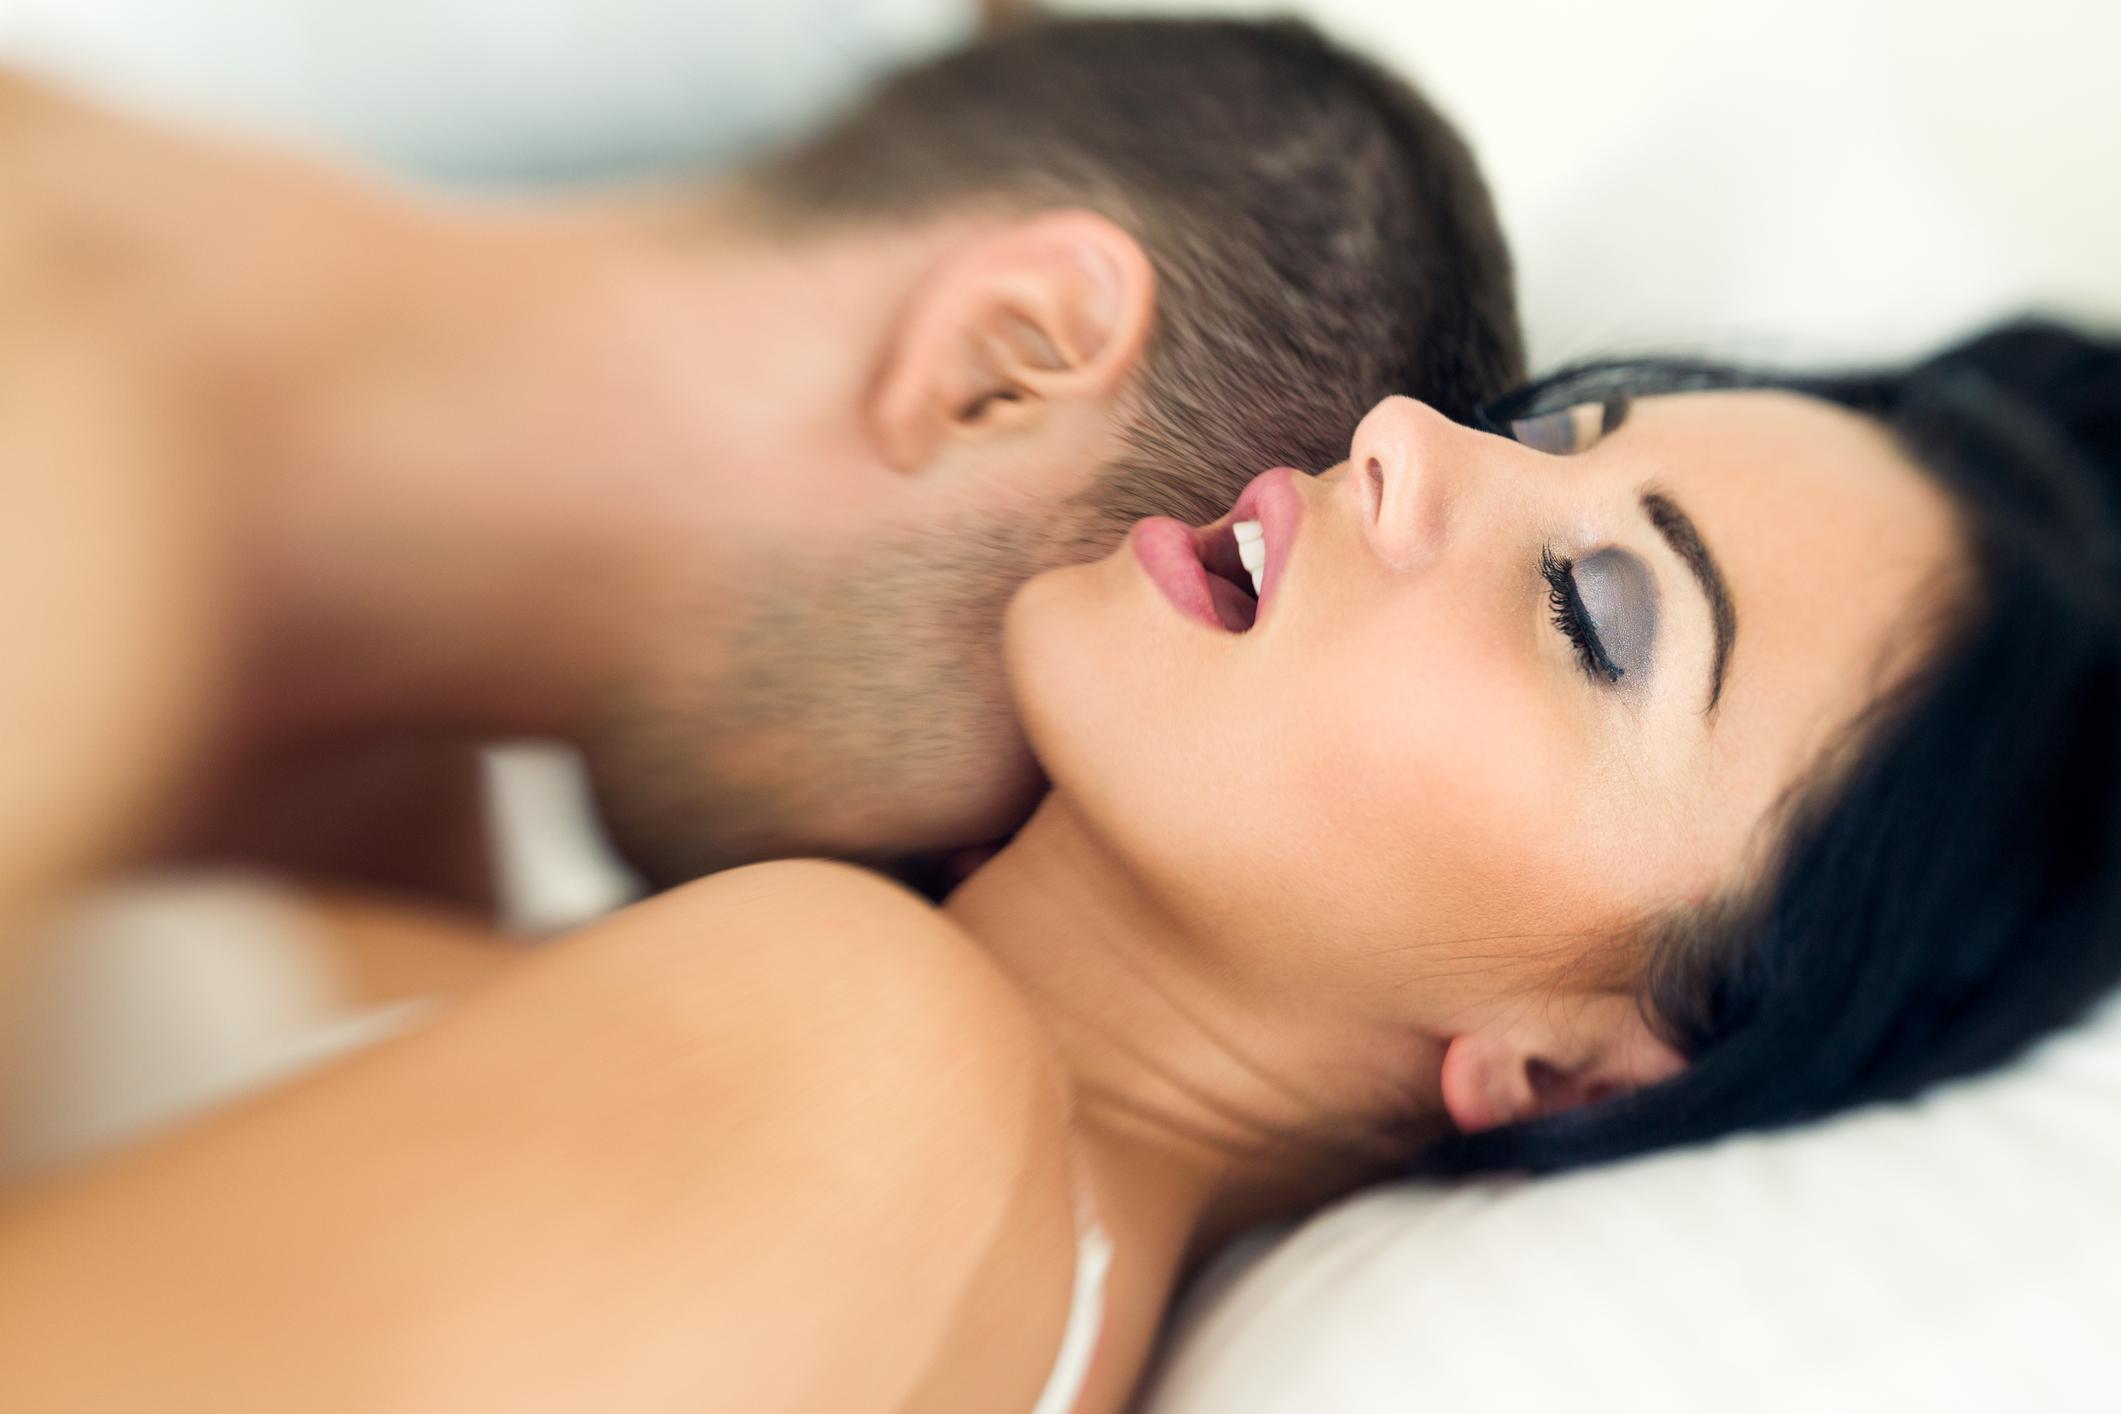 Принудительный оргазм женщин, Судорожный оргазм, оргазм до дрожи: Порно студентов 23 фотография